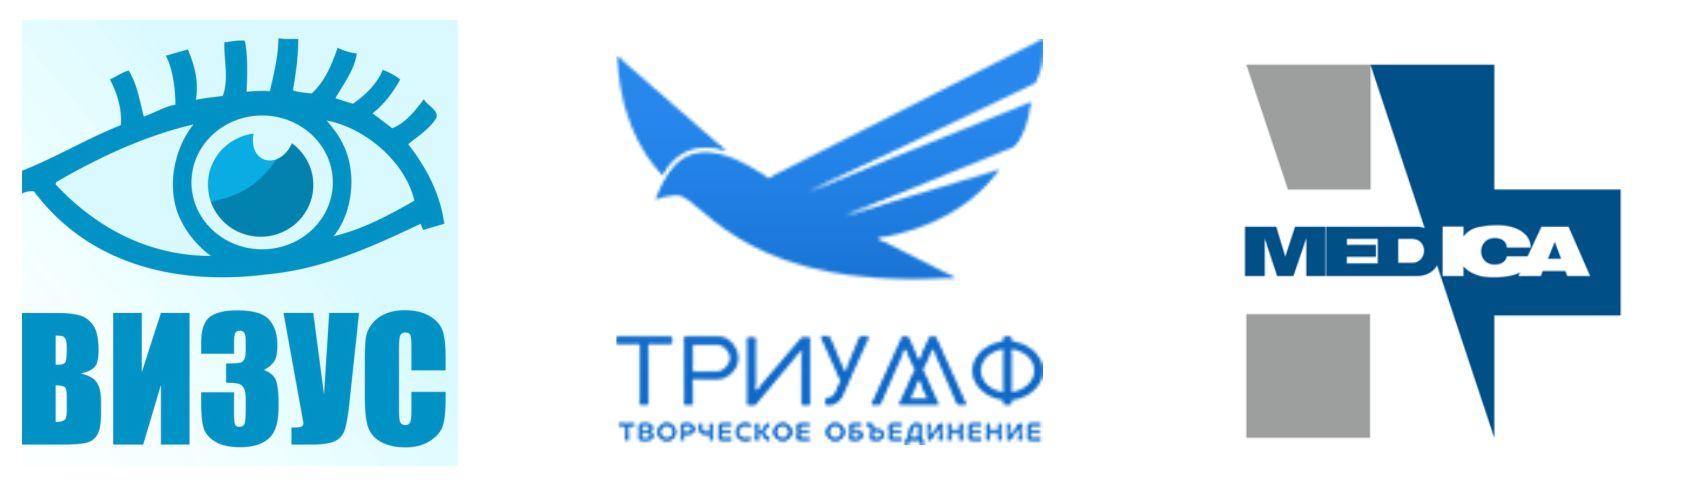 Отзывы Дмитрий Третьяков Псков